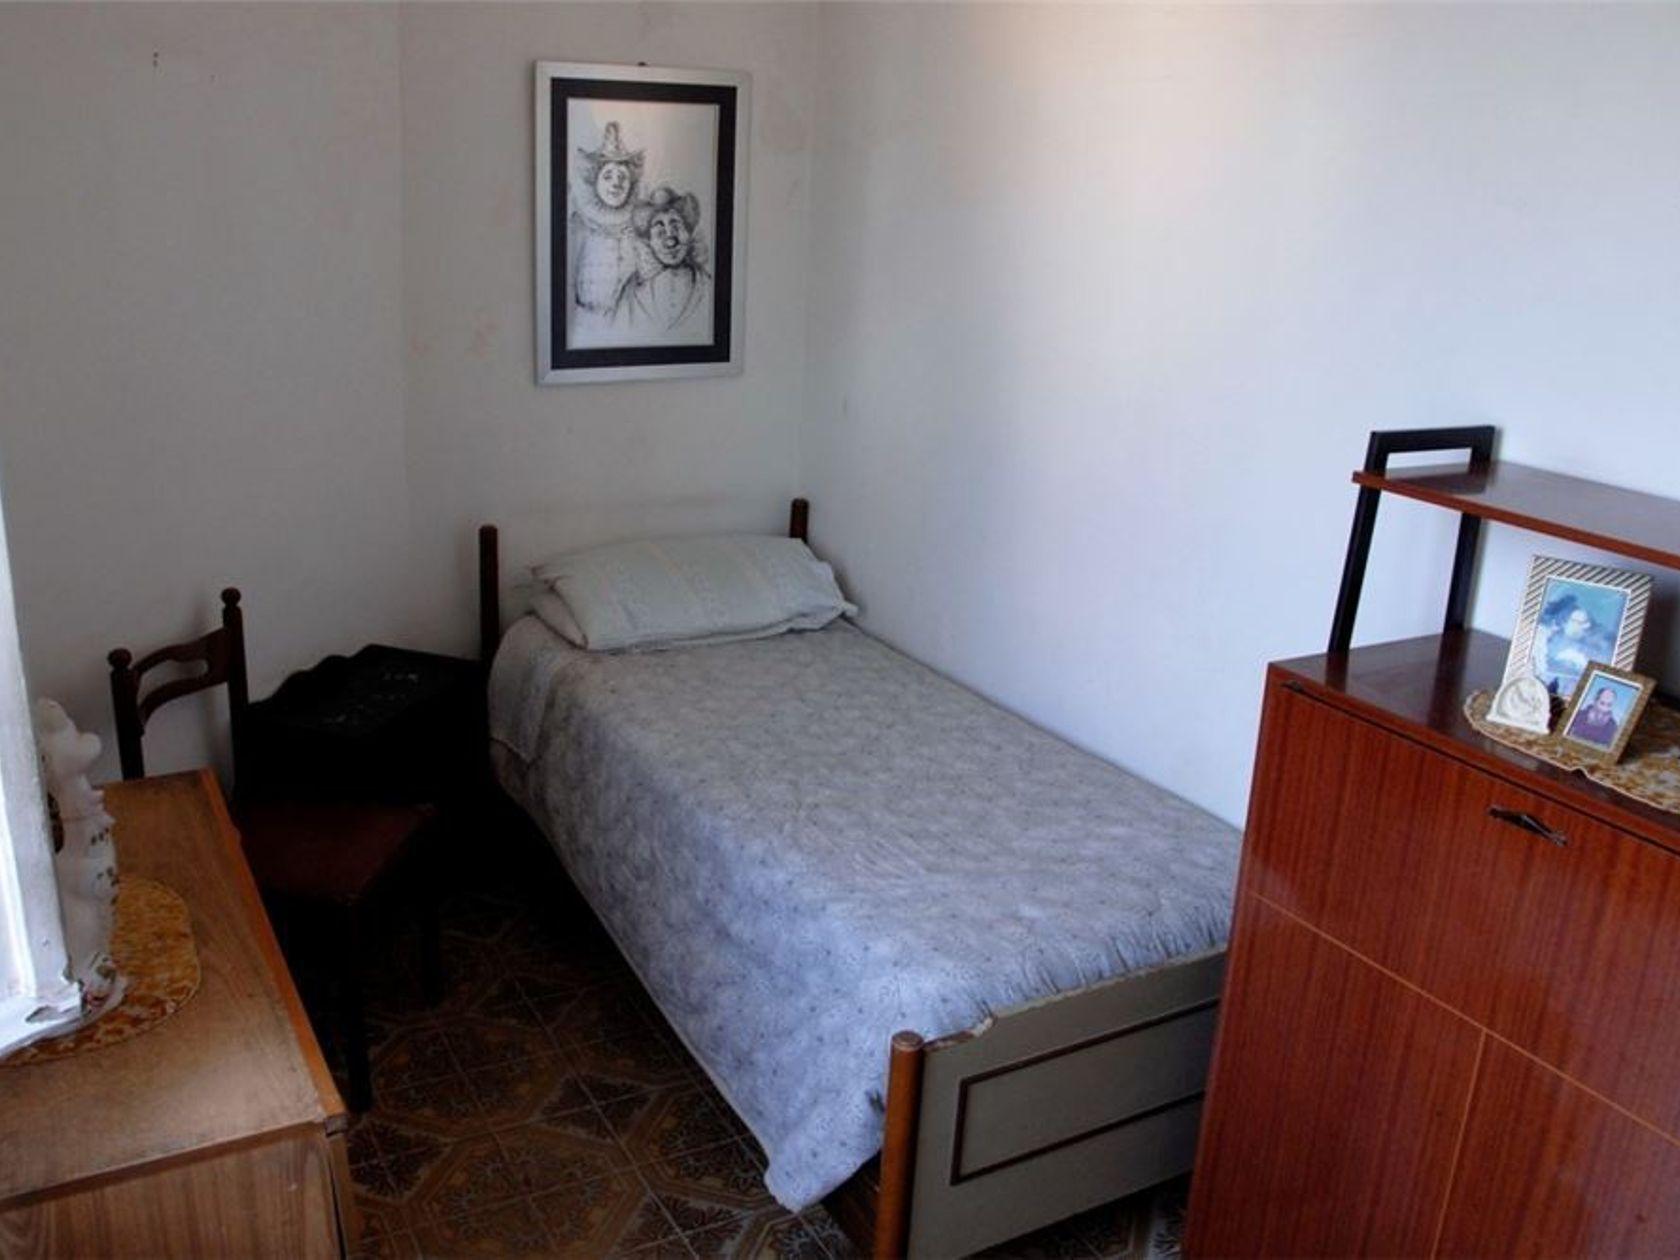 Appartamento Cagliari-punici-merello, Cagliari, CA Vendita - Foto 4